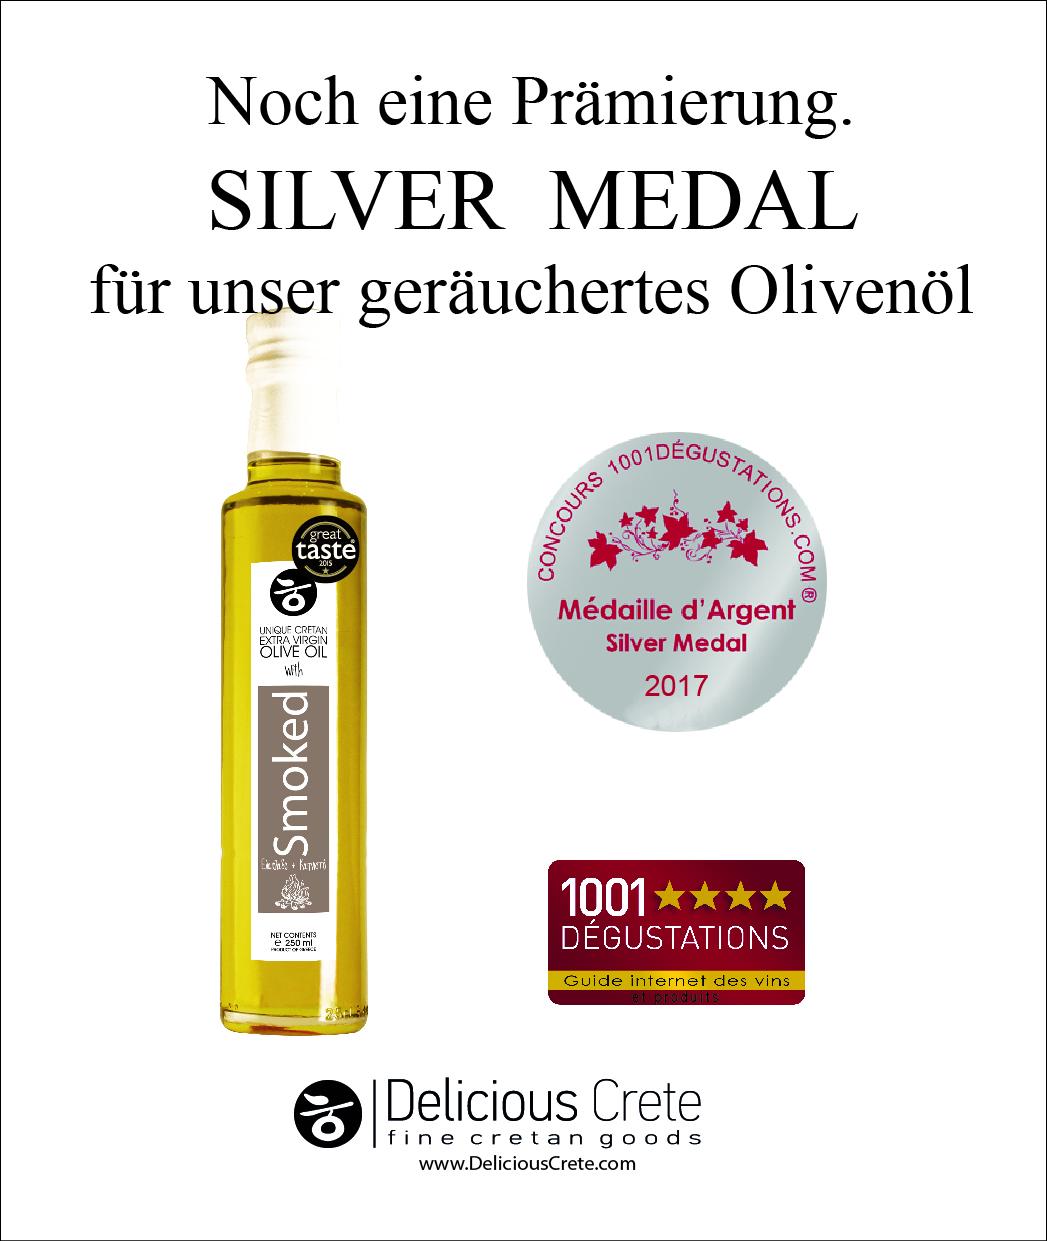 Nikolaos Skamagas Wein & Delikatess